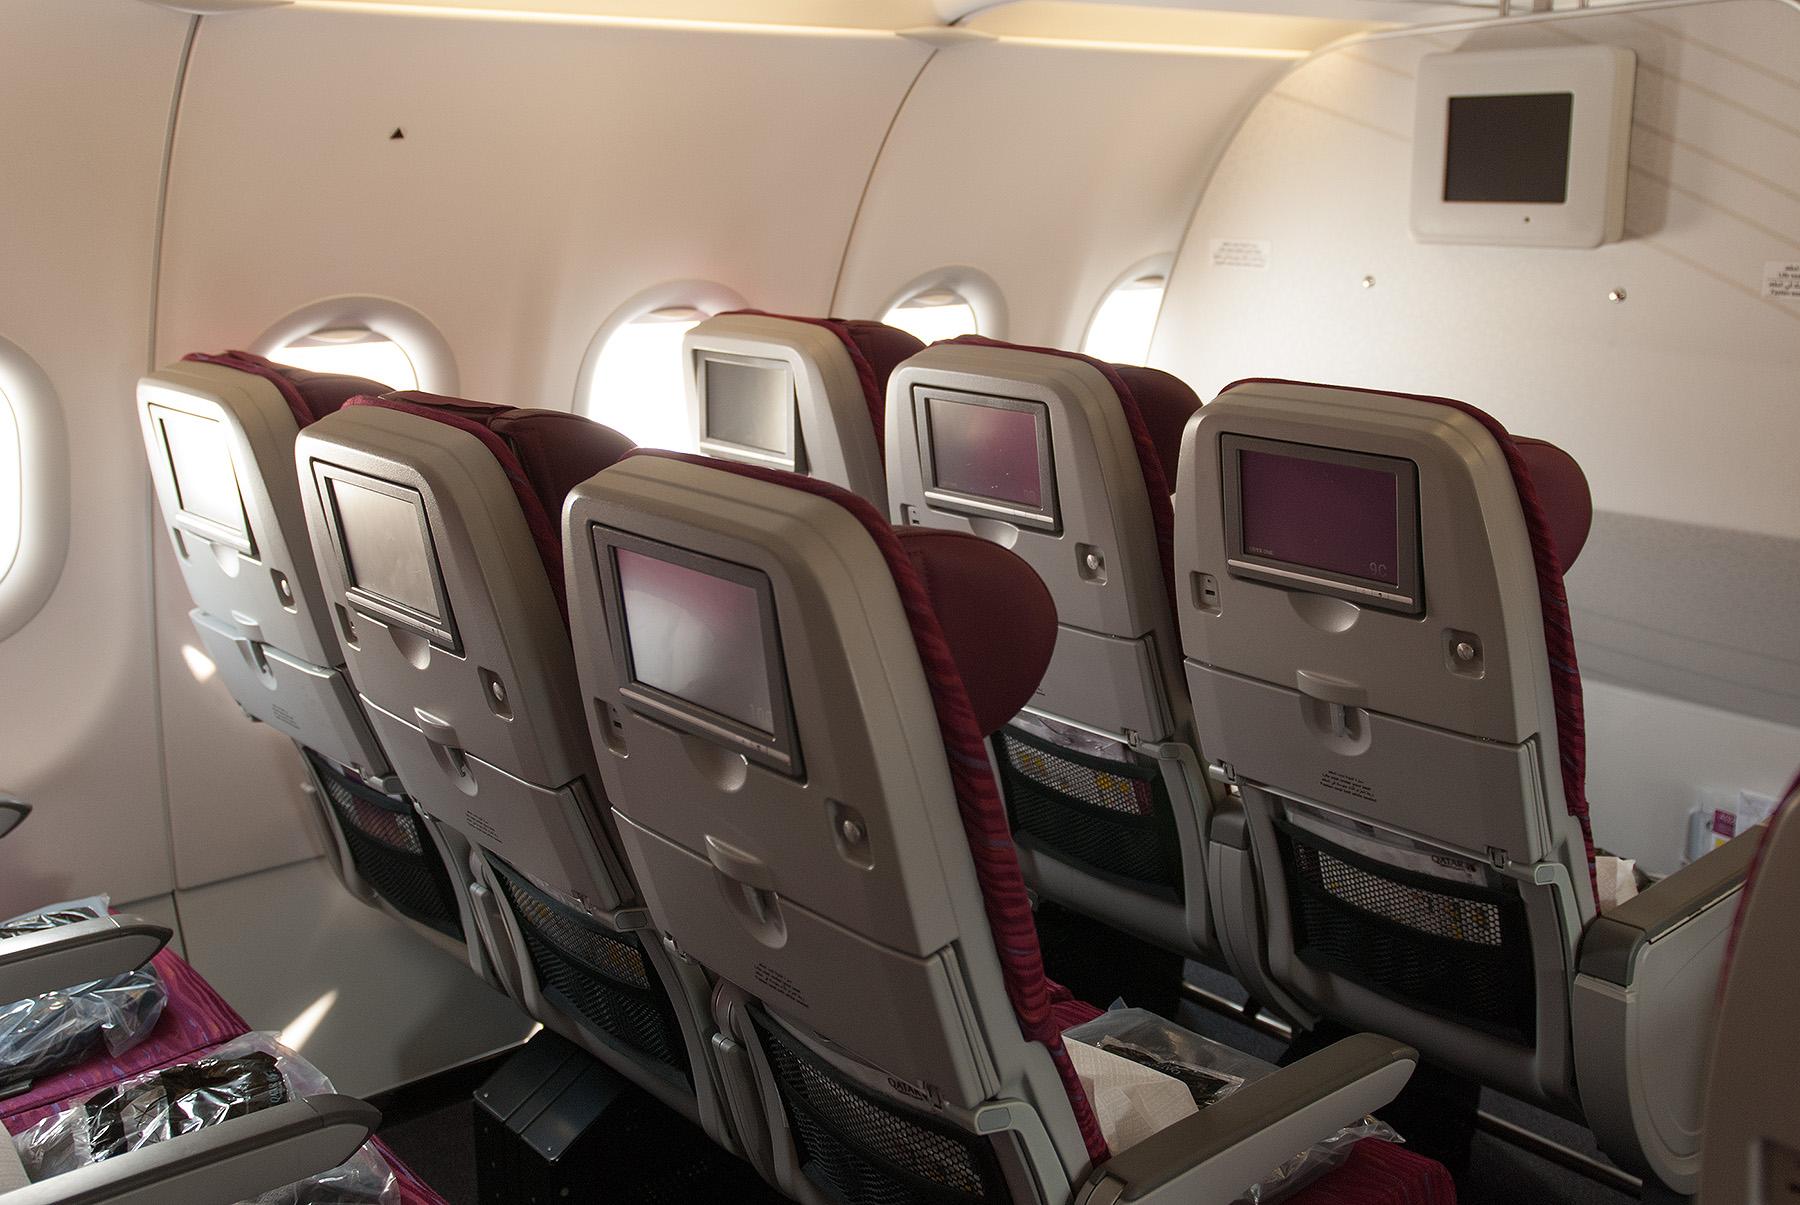 Qatar Airways, A320, třída Economy, infosystém, foto: Zdopravy.cz/Josef Petrák